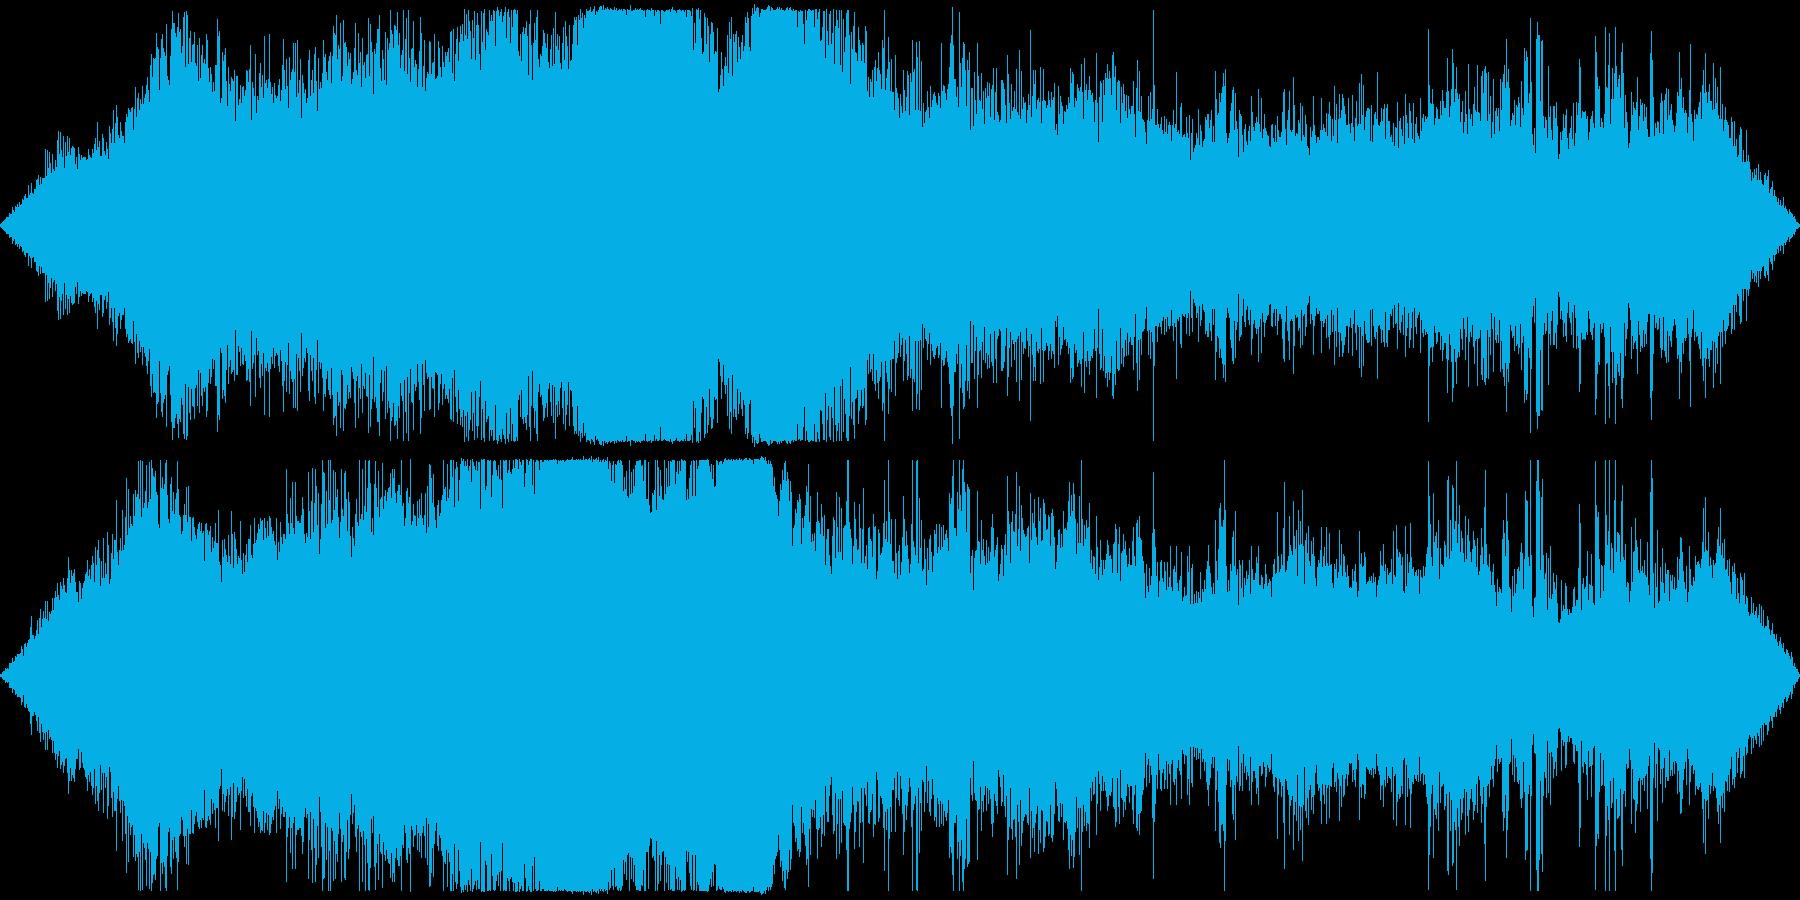 交差点の音 車や信号・雑踏等 その2の再生済みの波形